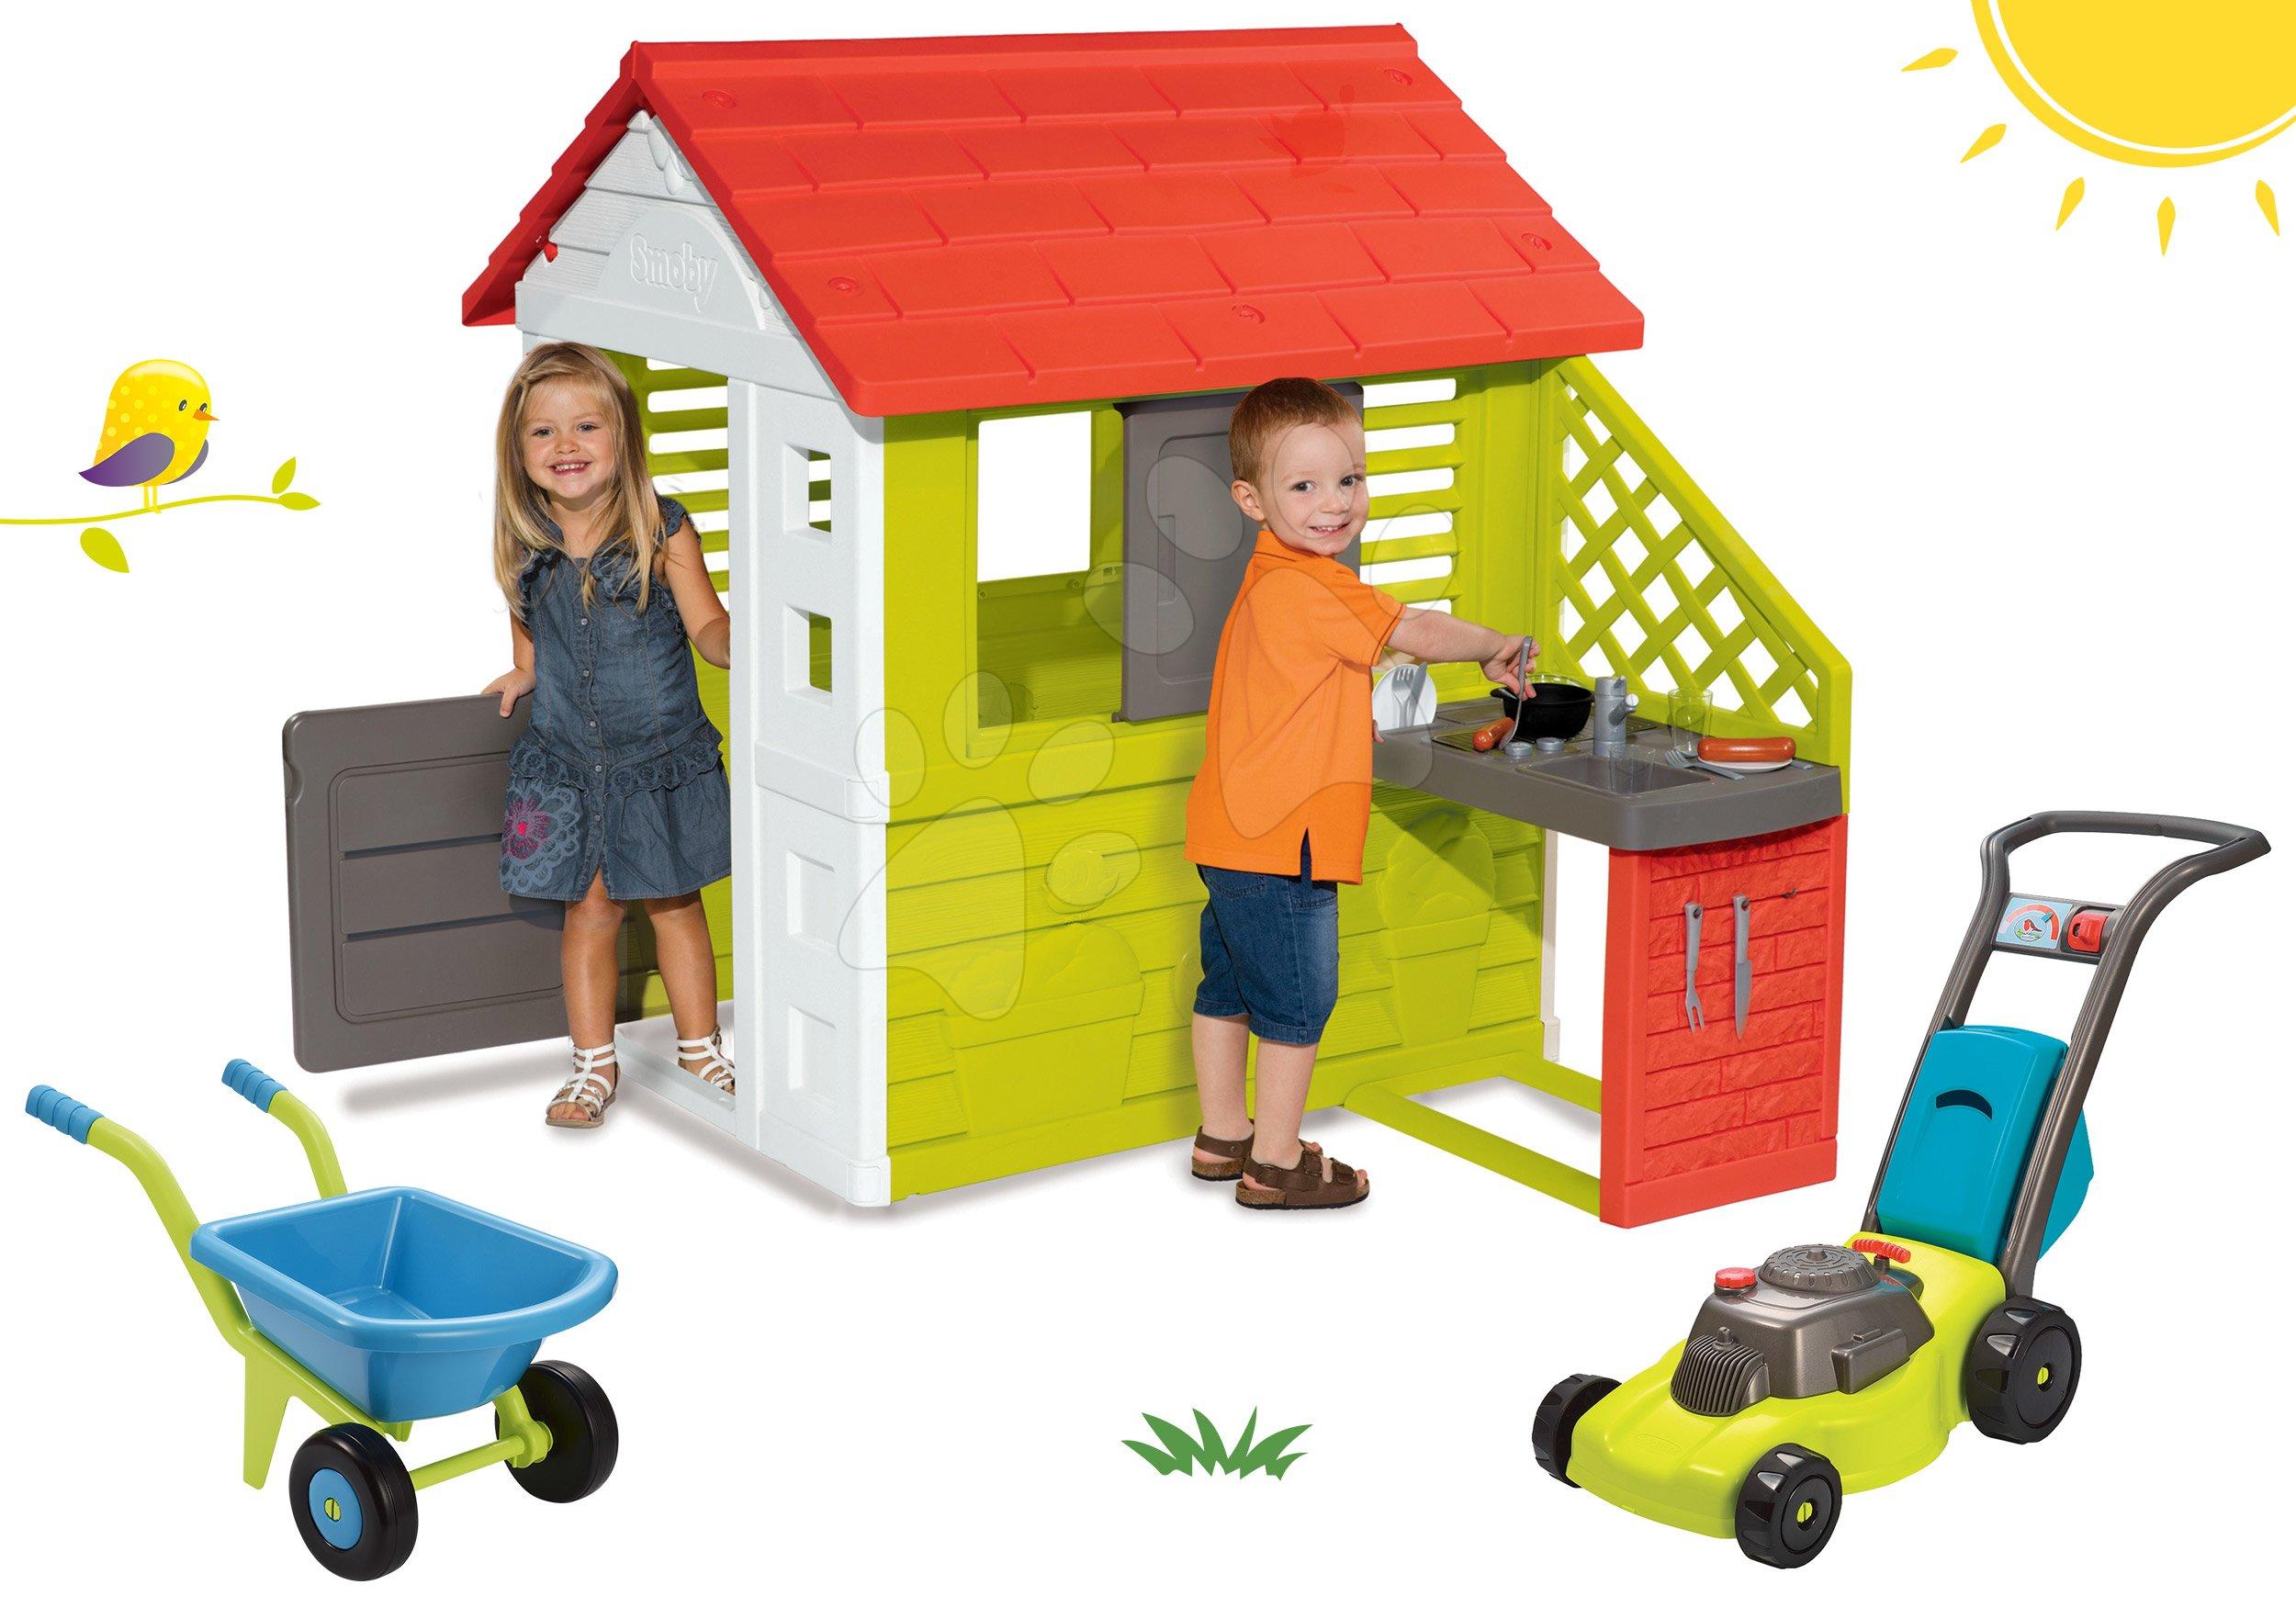 Set domeček Pretty Nature Smoby s letní kuchyňkou, kolečko a sekačka od 24 měsíců